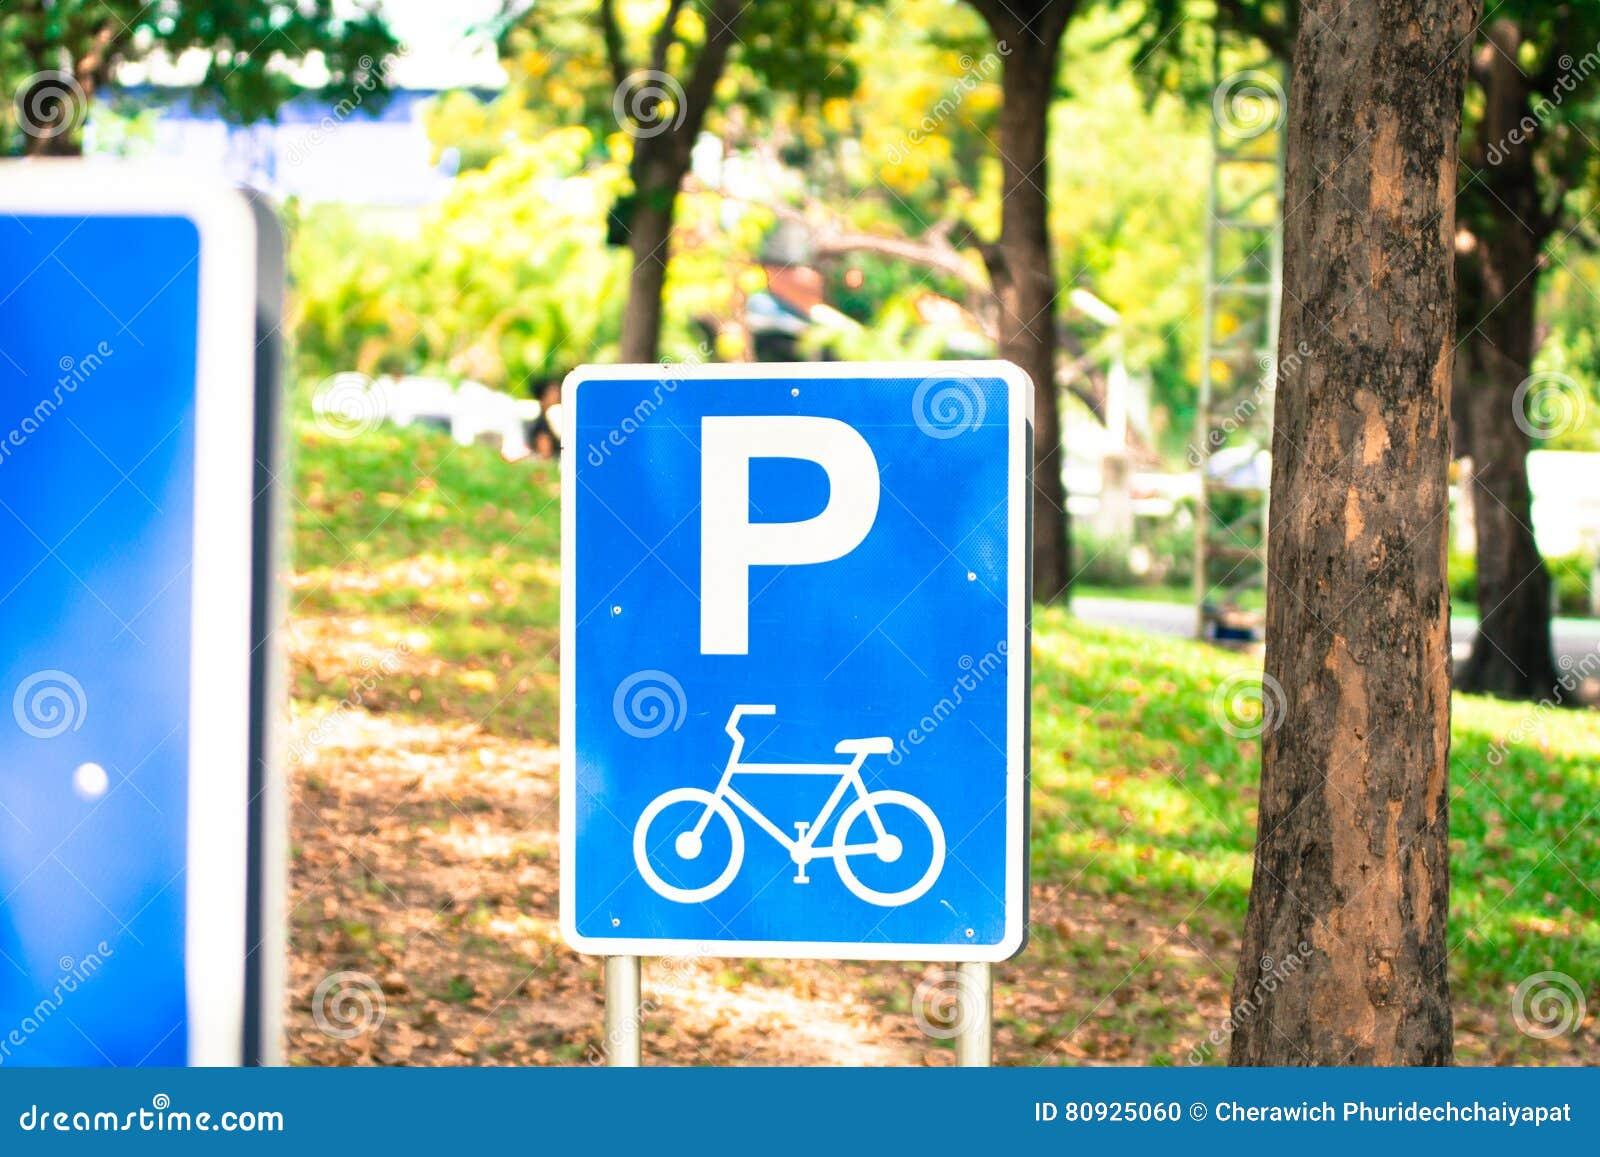 Σημάδια κυκλοφορίας ποδηλάτων στο πάρκο, Ταϊλάνδη